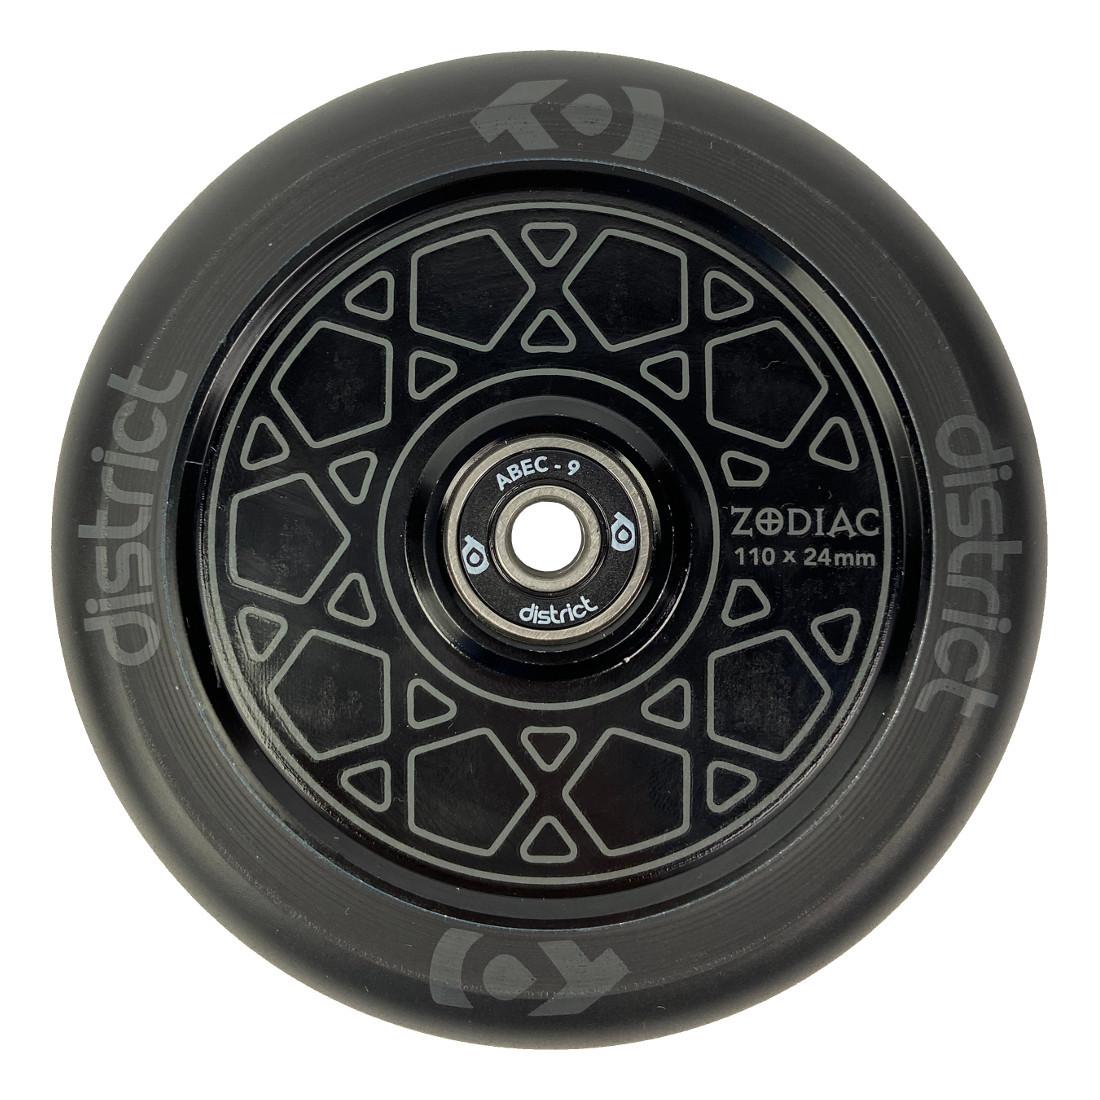 Колесо для самоката DISTRICT Zodiac (Black/Black)